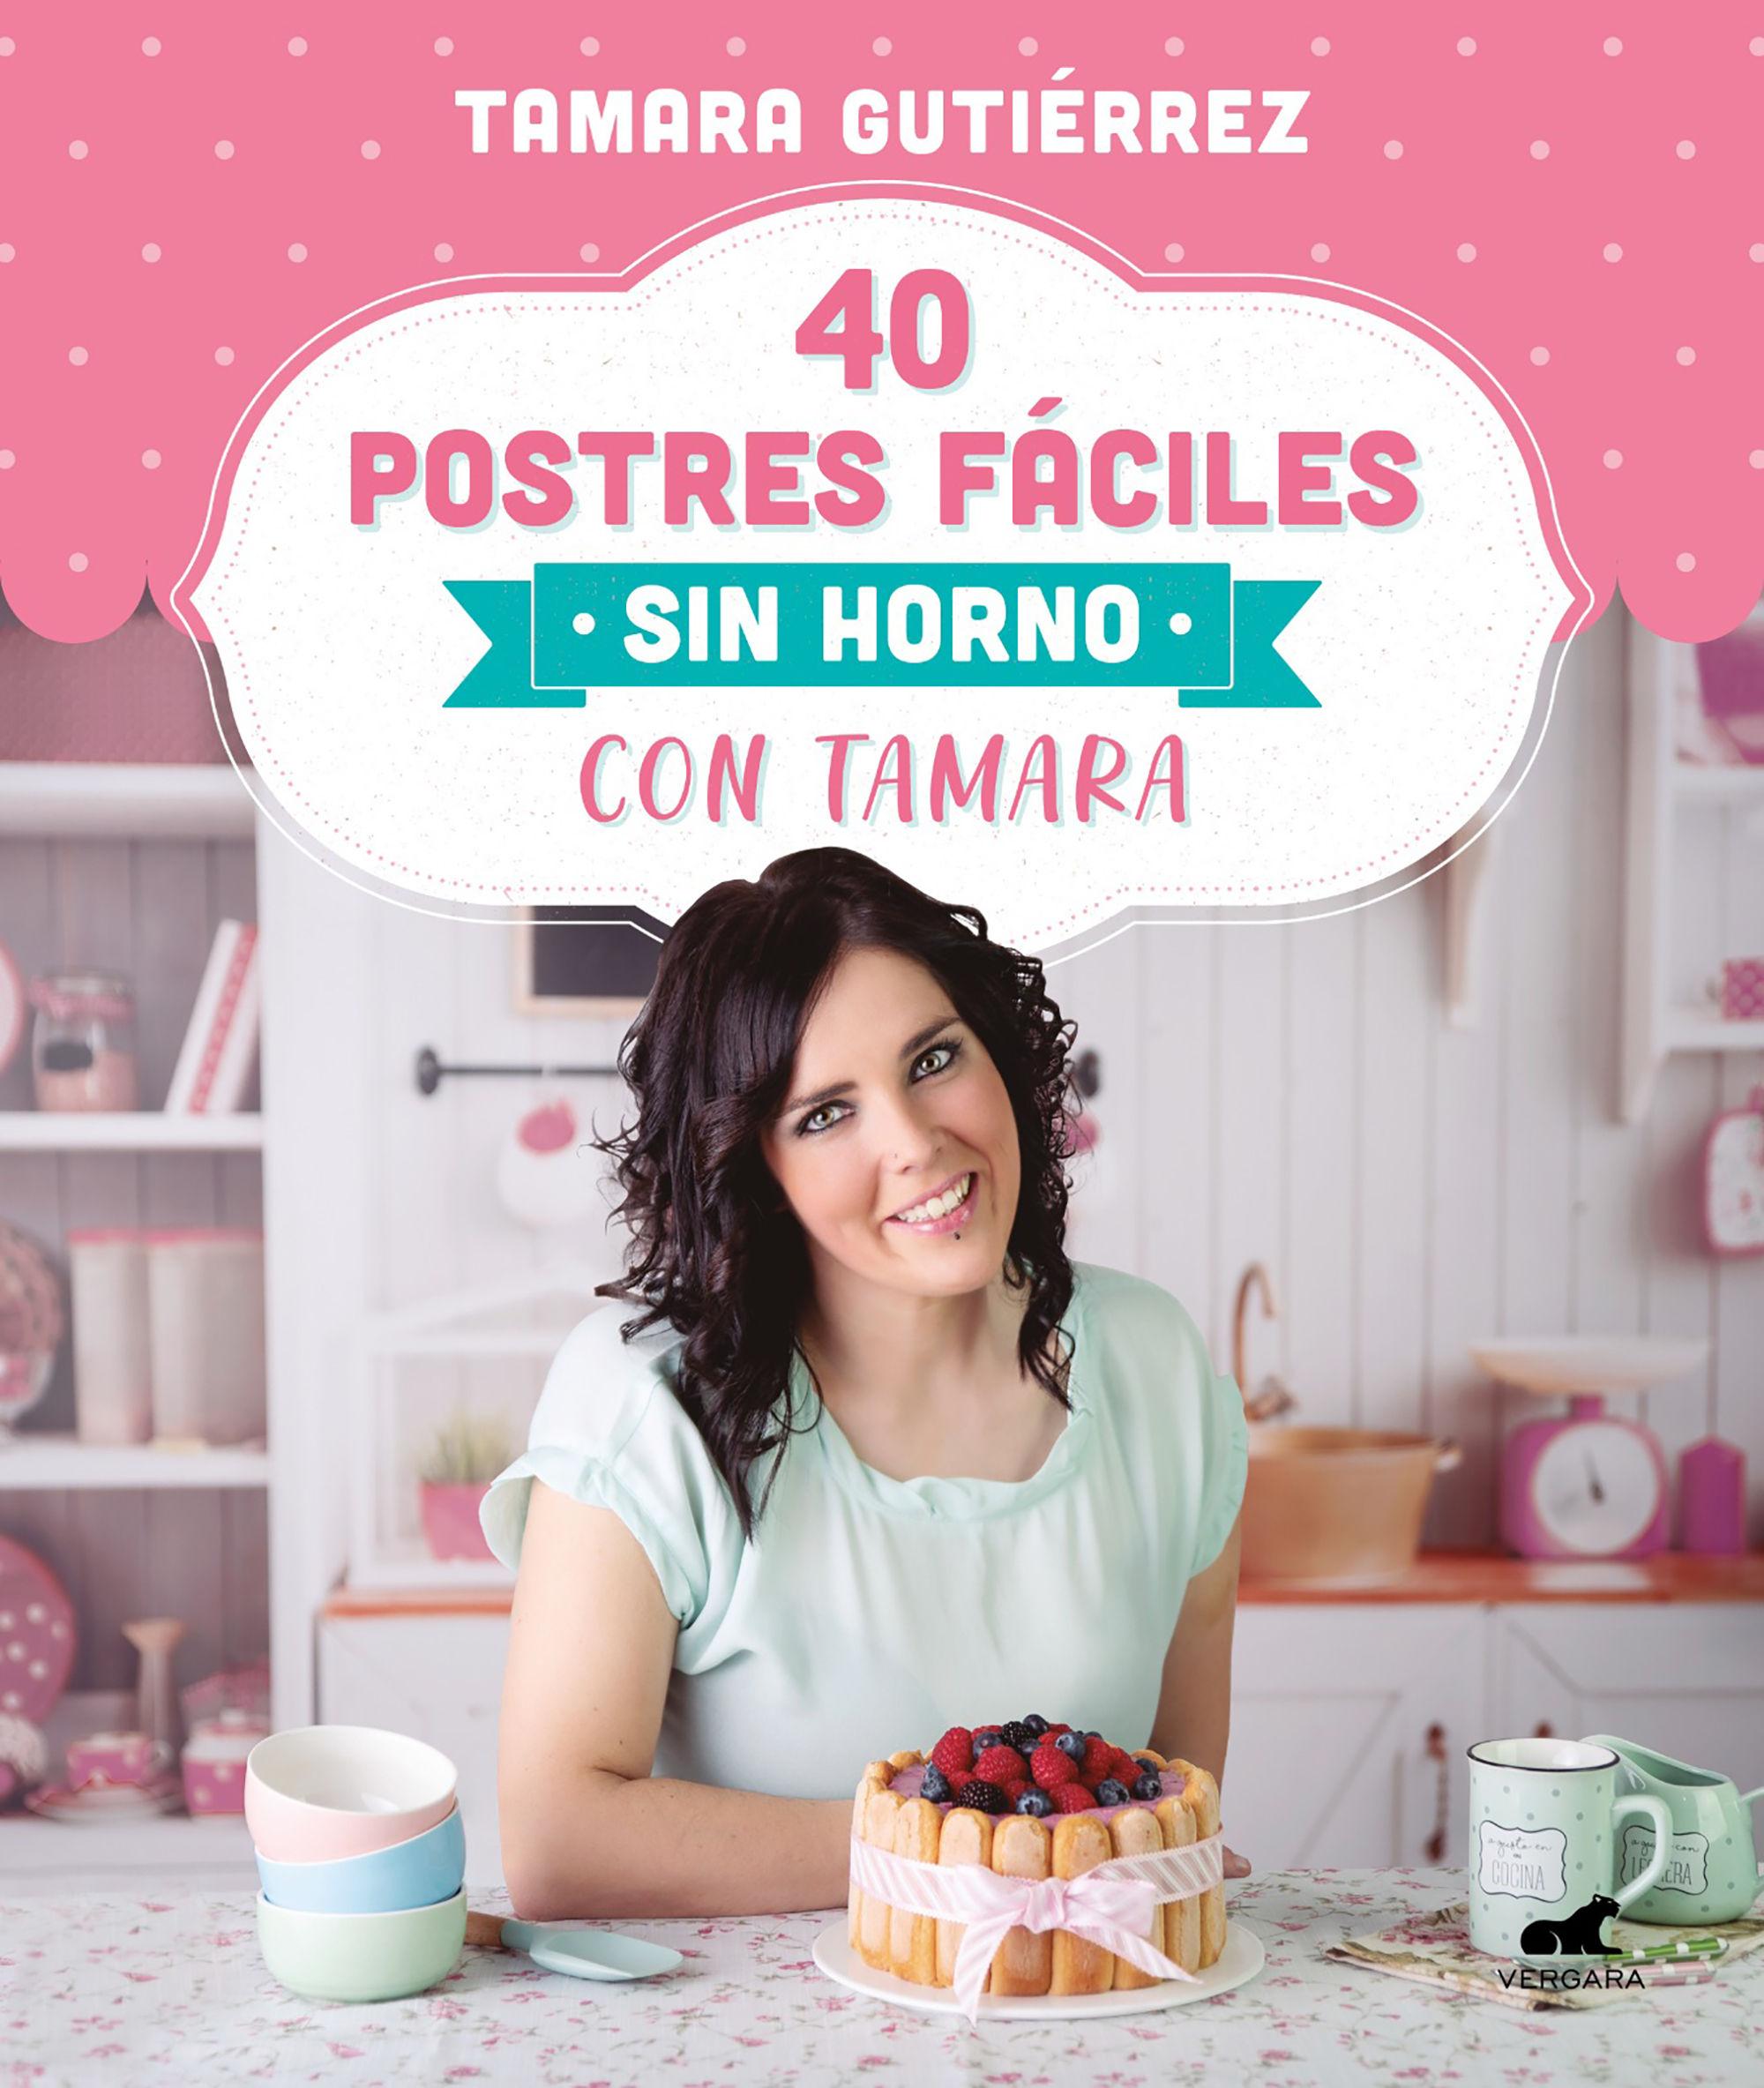 40 POSTRES FACILES SIN HORNO CON TAMARA